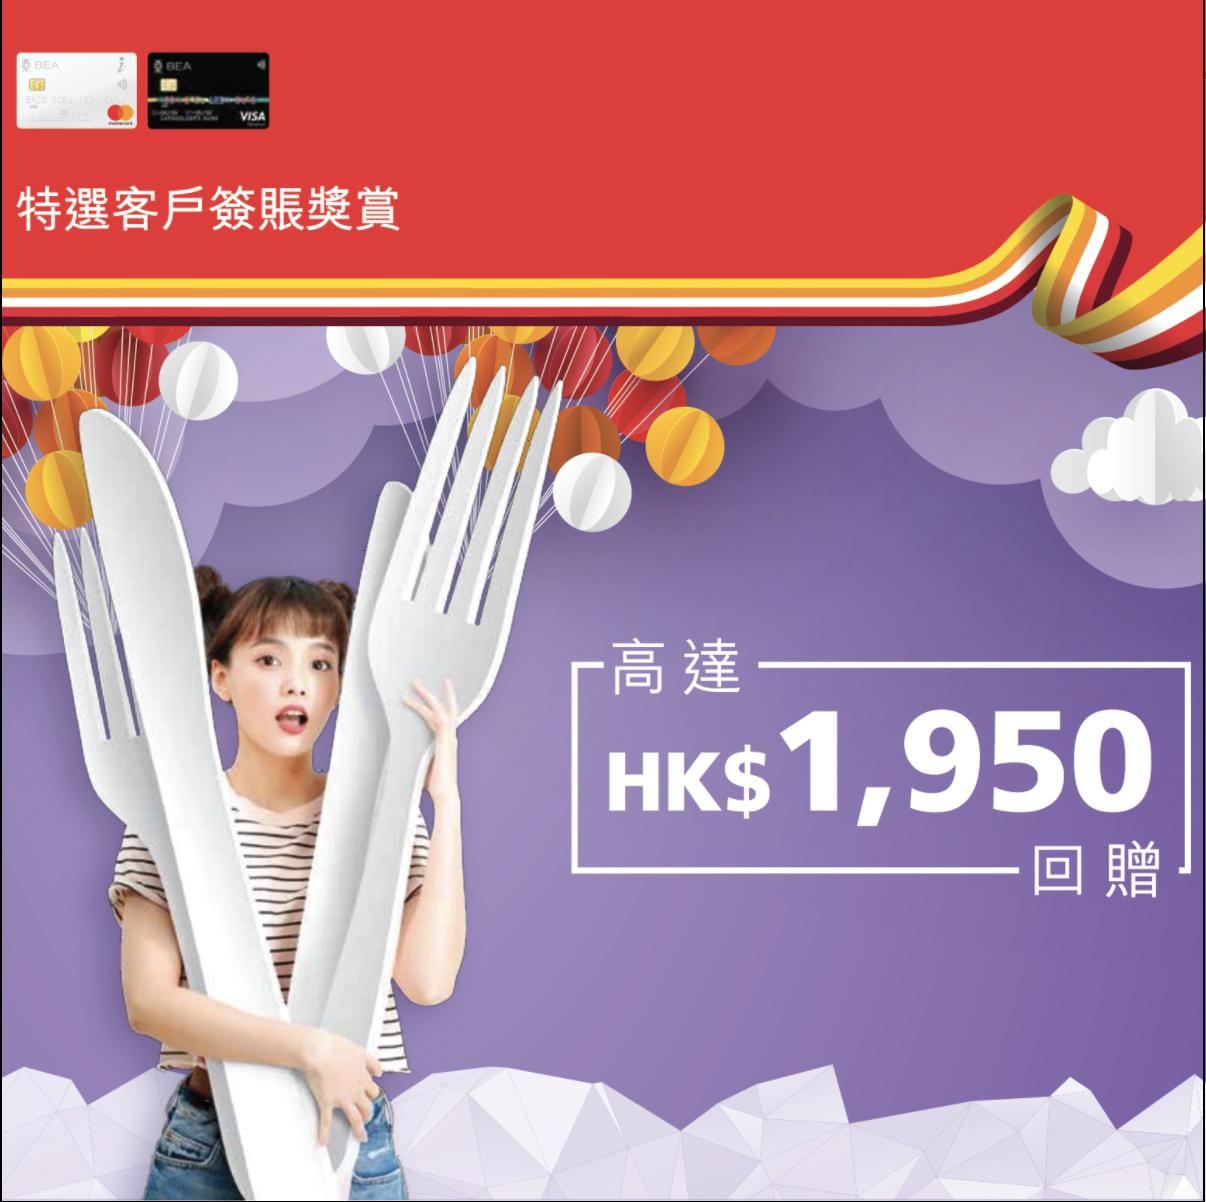 東亞信用卡再發功俾特選客戶優惠大家!高達HK$660現金回贈 或 HK$1,950現金回贈!